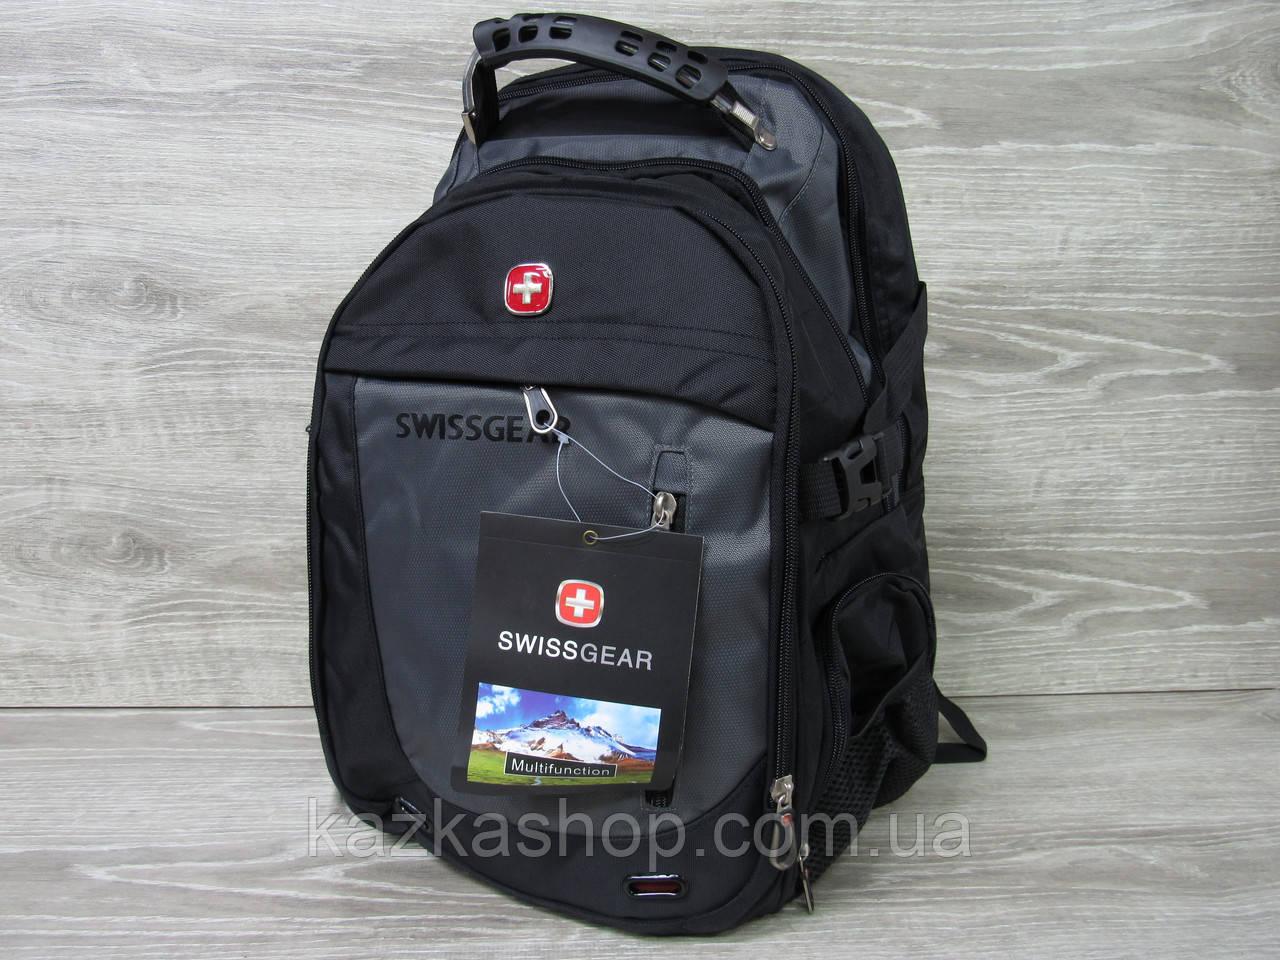 Спортивный, городской рюкзак, отличное качество, аудио-порт, широкие лямки, несколько отделов